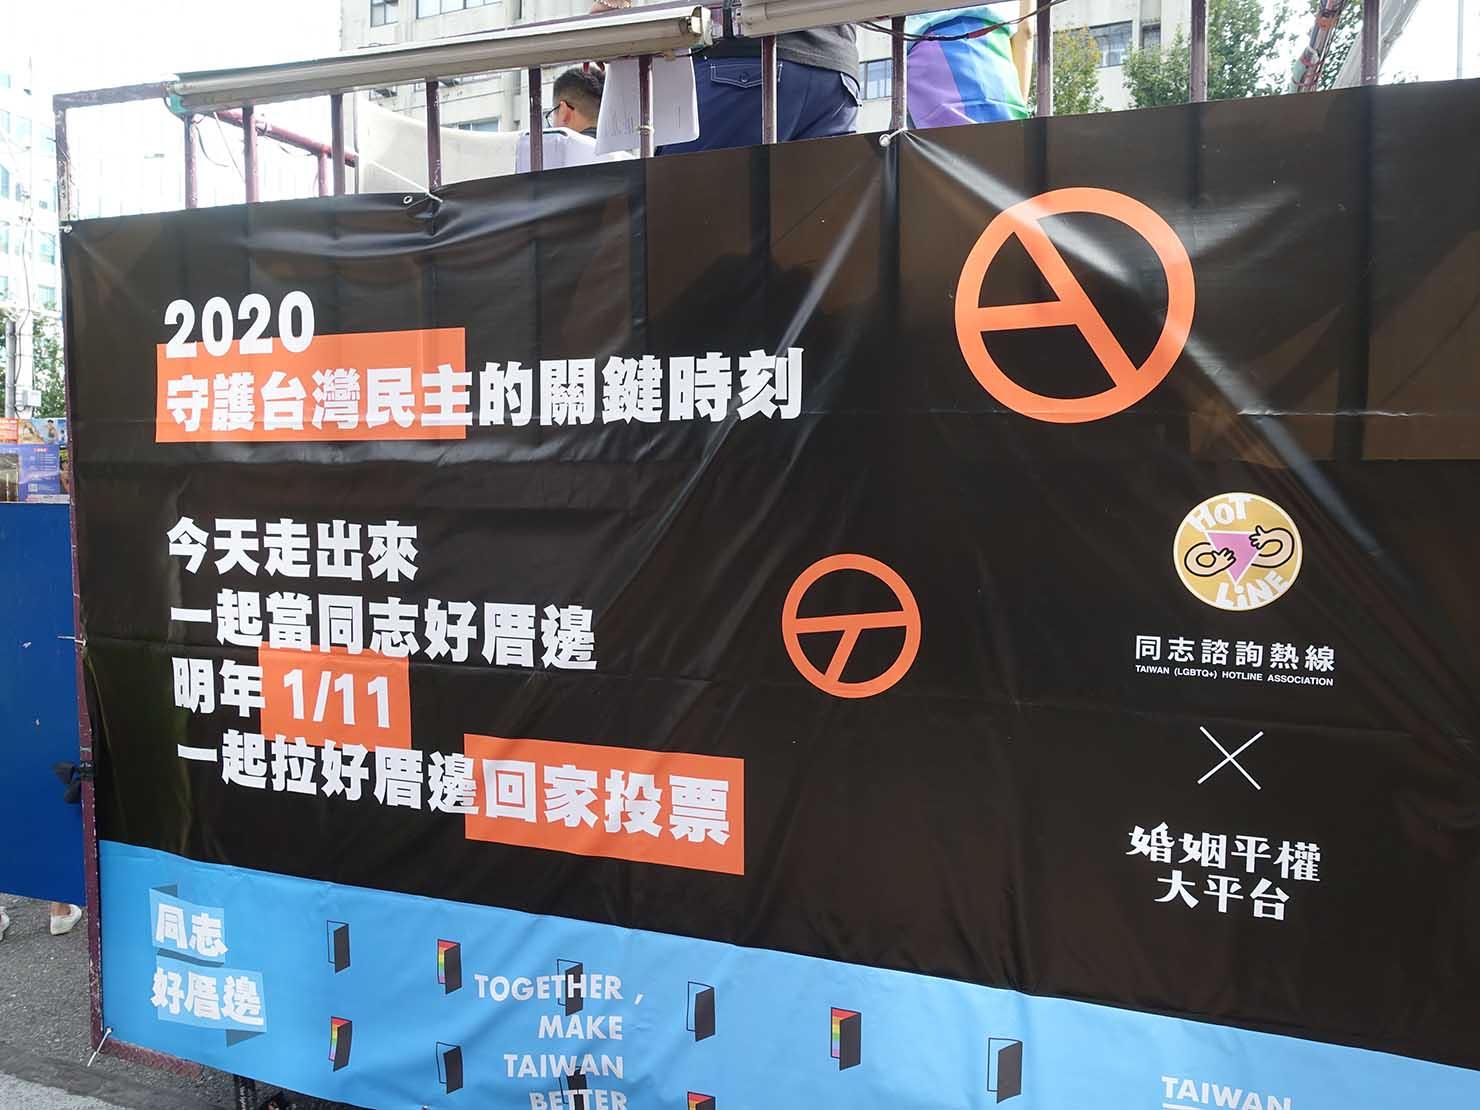 台灣同志遊行(台湾LGBTプライド)2019のパレードで選挙への呼びかけを行うミニステージ